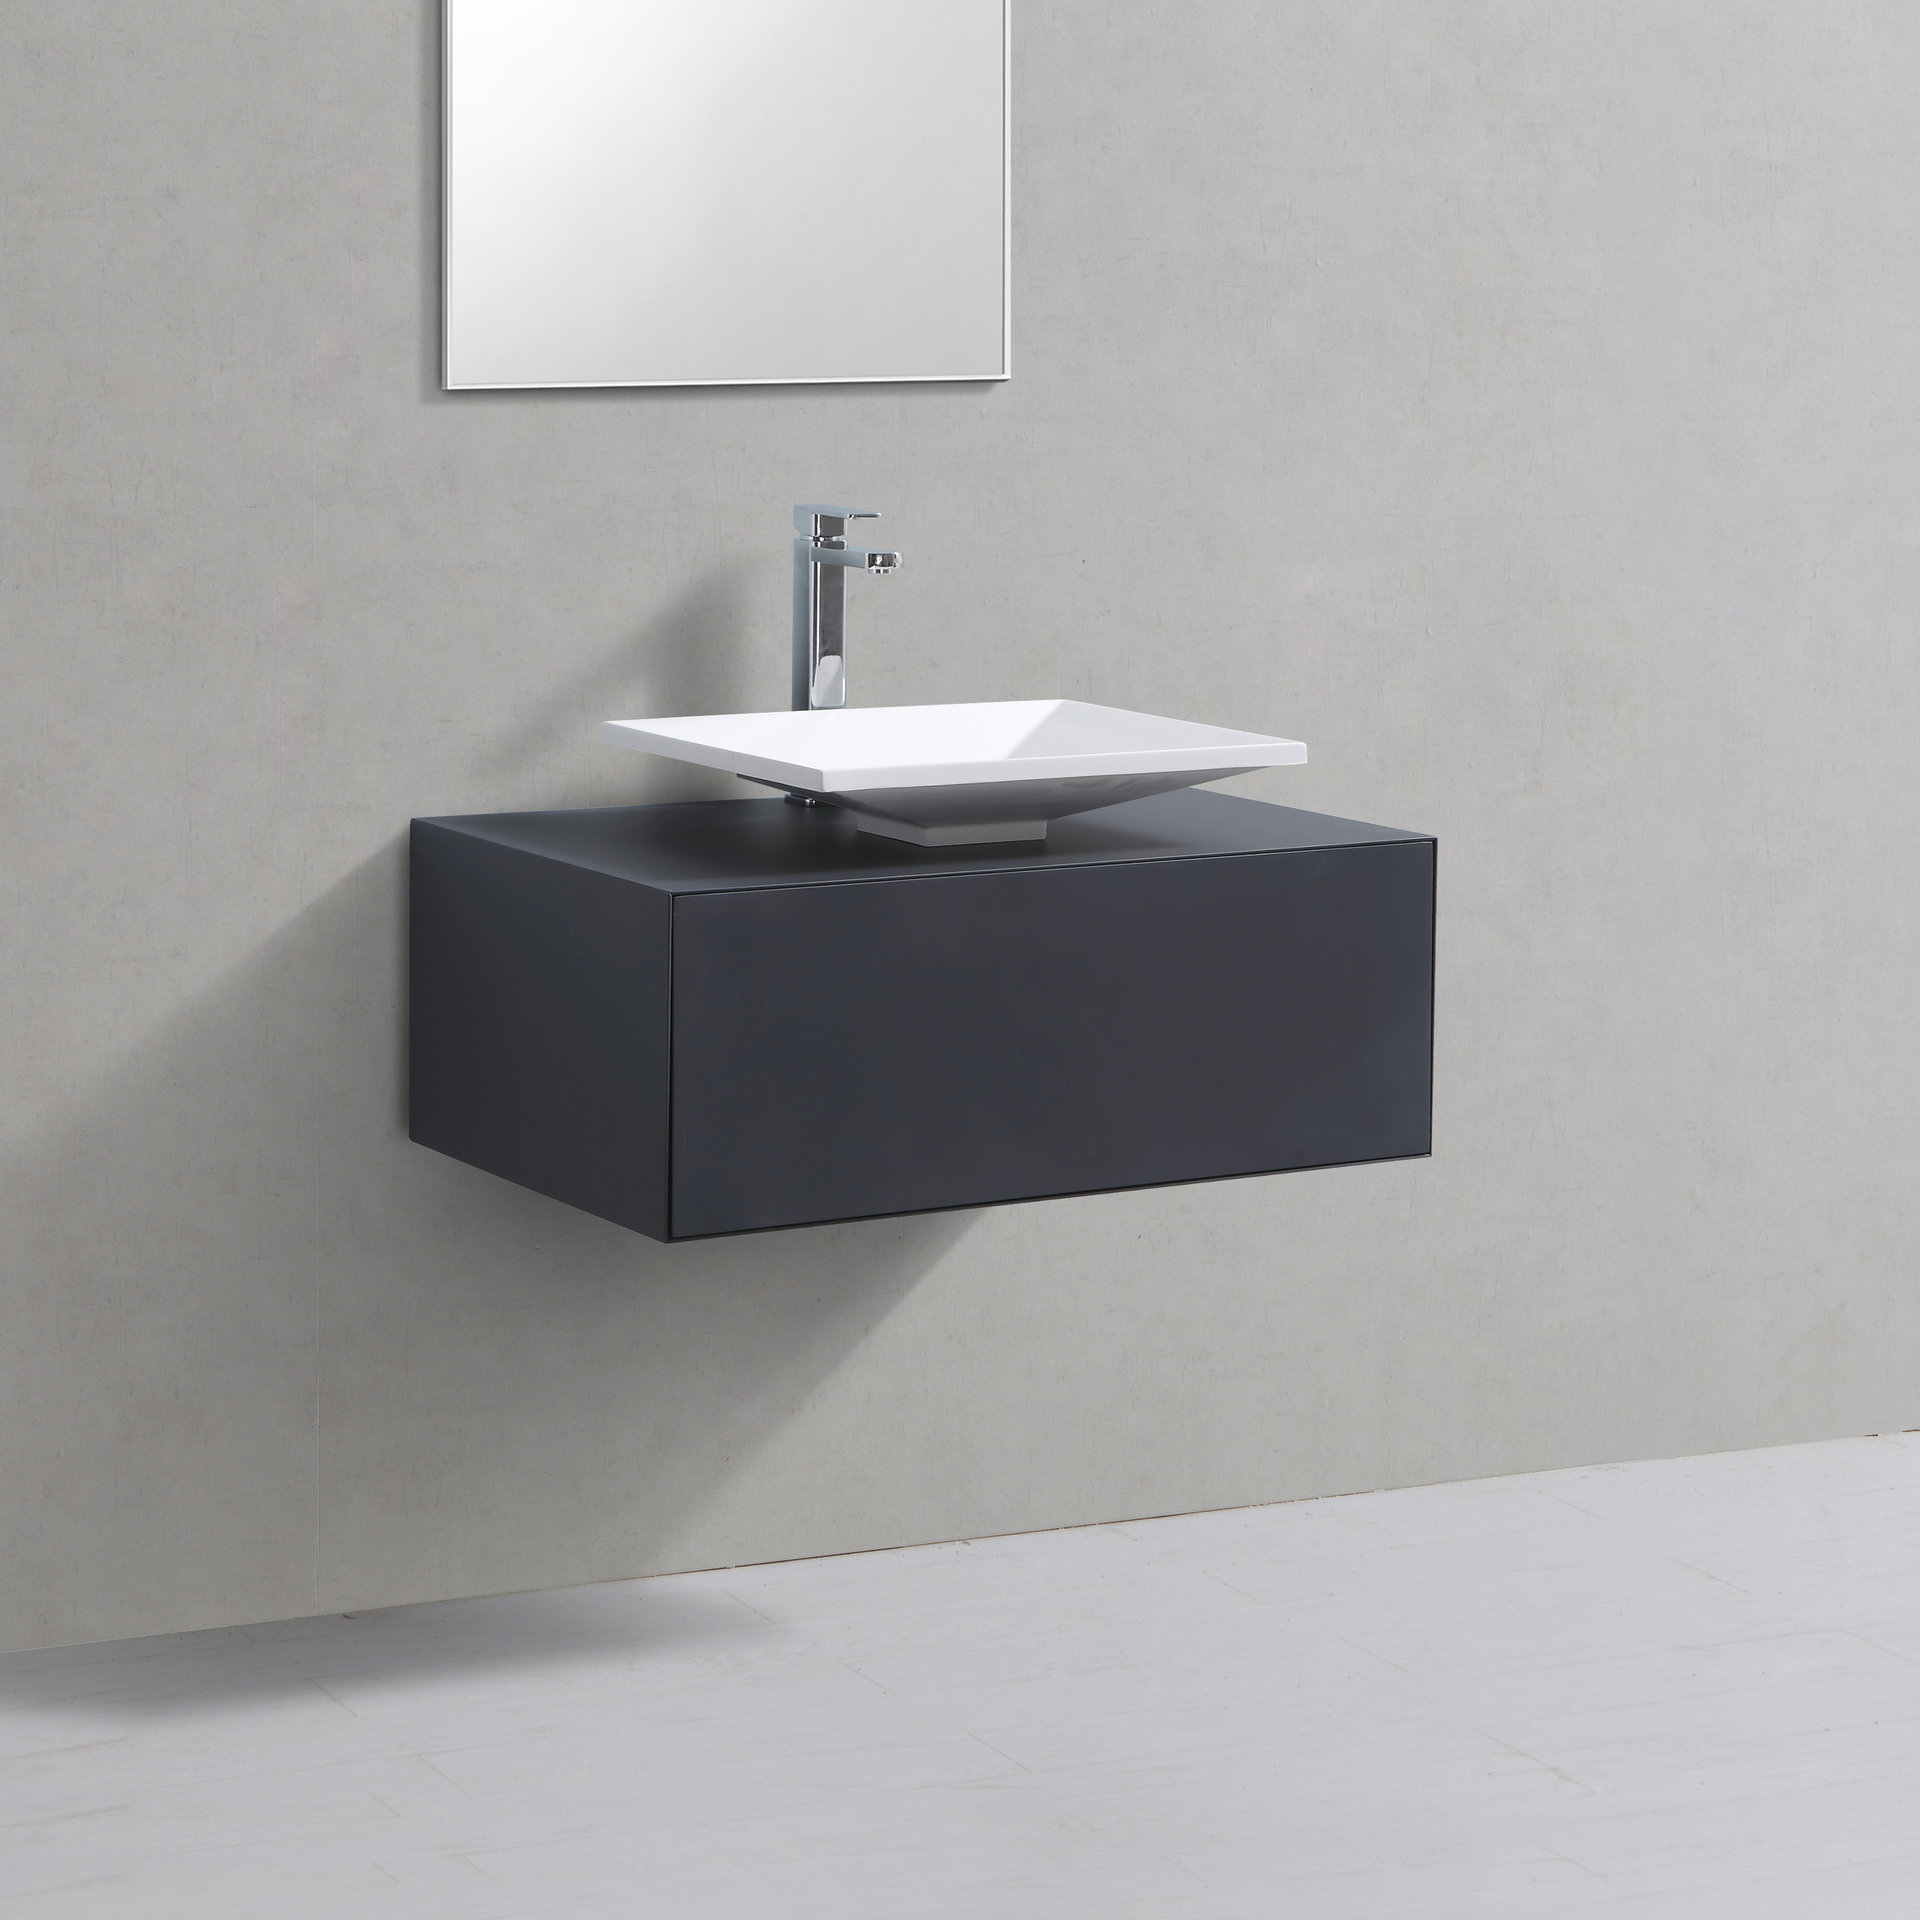 Badmöbel Unterschrank POMO 80 in grau inkl. Waschtisch